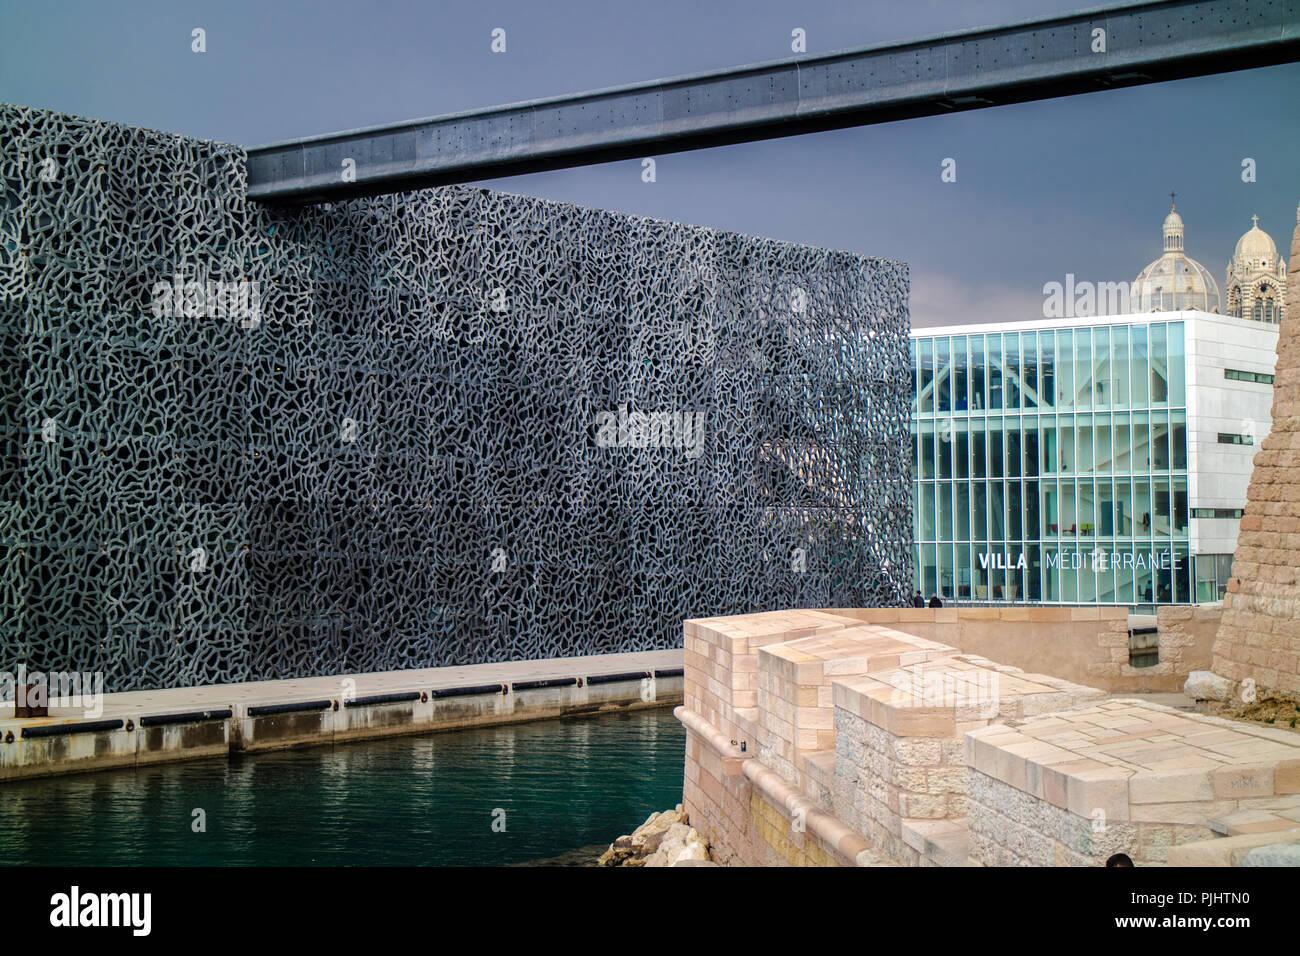 Frankreich Marseille Mucem Mandatory Credit Architekt Rudy Ricciotti Und Carta Associes Und Villa Mediterranee Architekten Stefano Boeri Stockfotografie Alamy